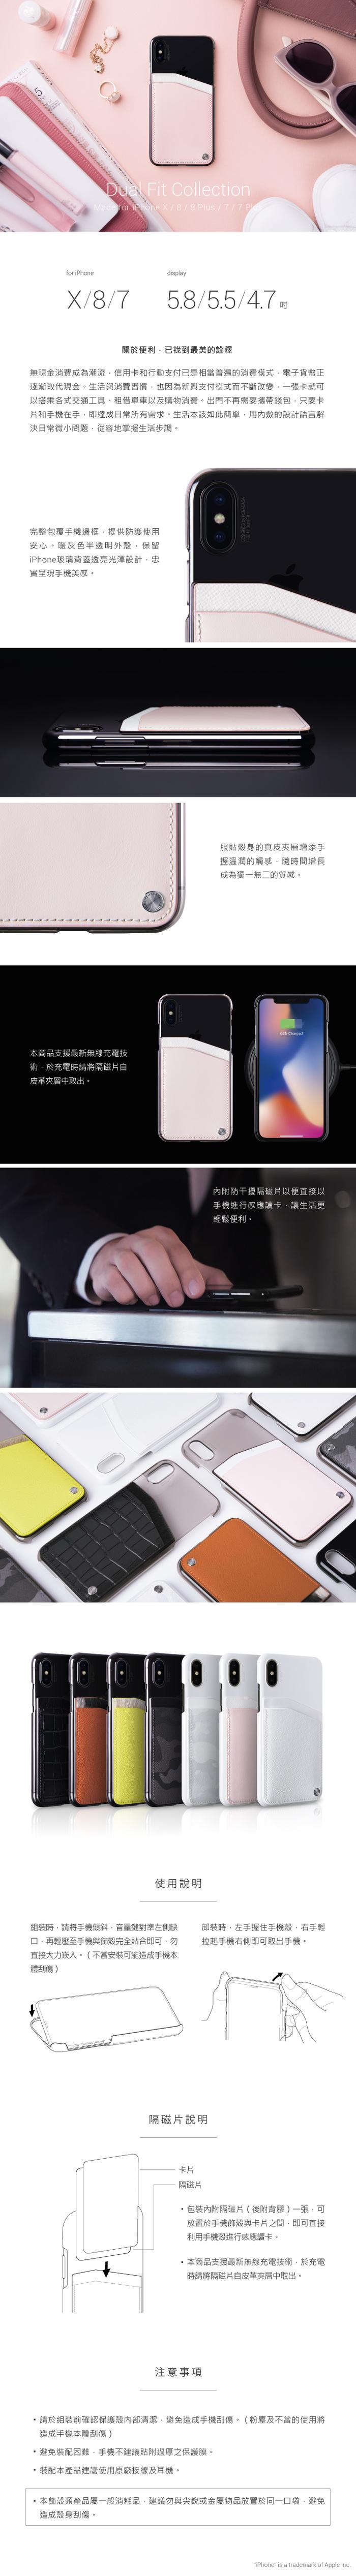 PEGACASA iPhone X 手機殼-經典系列